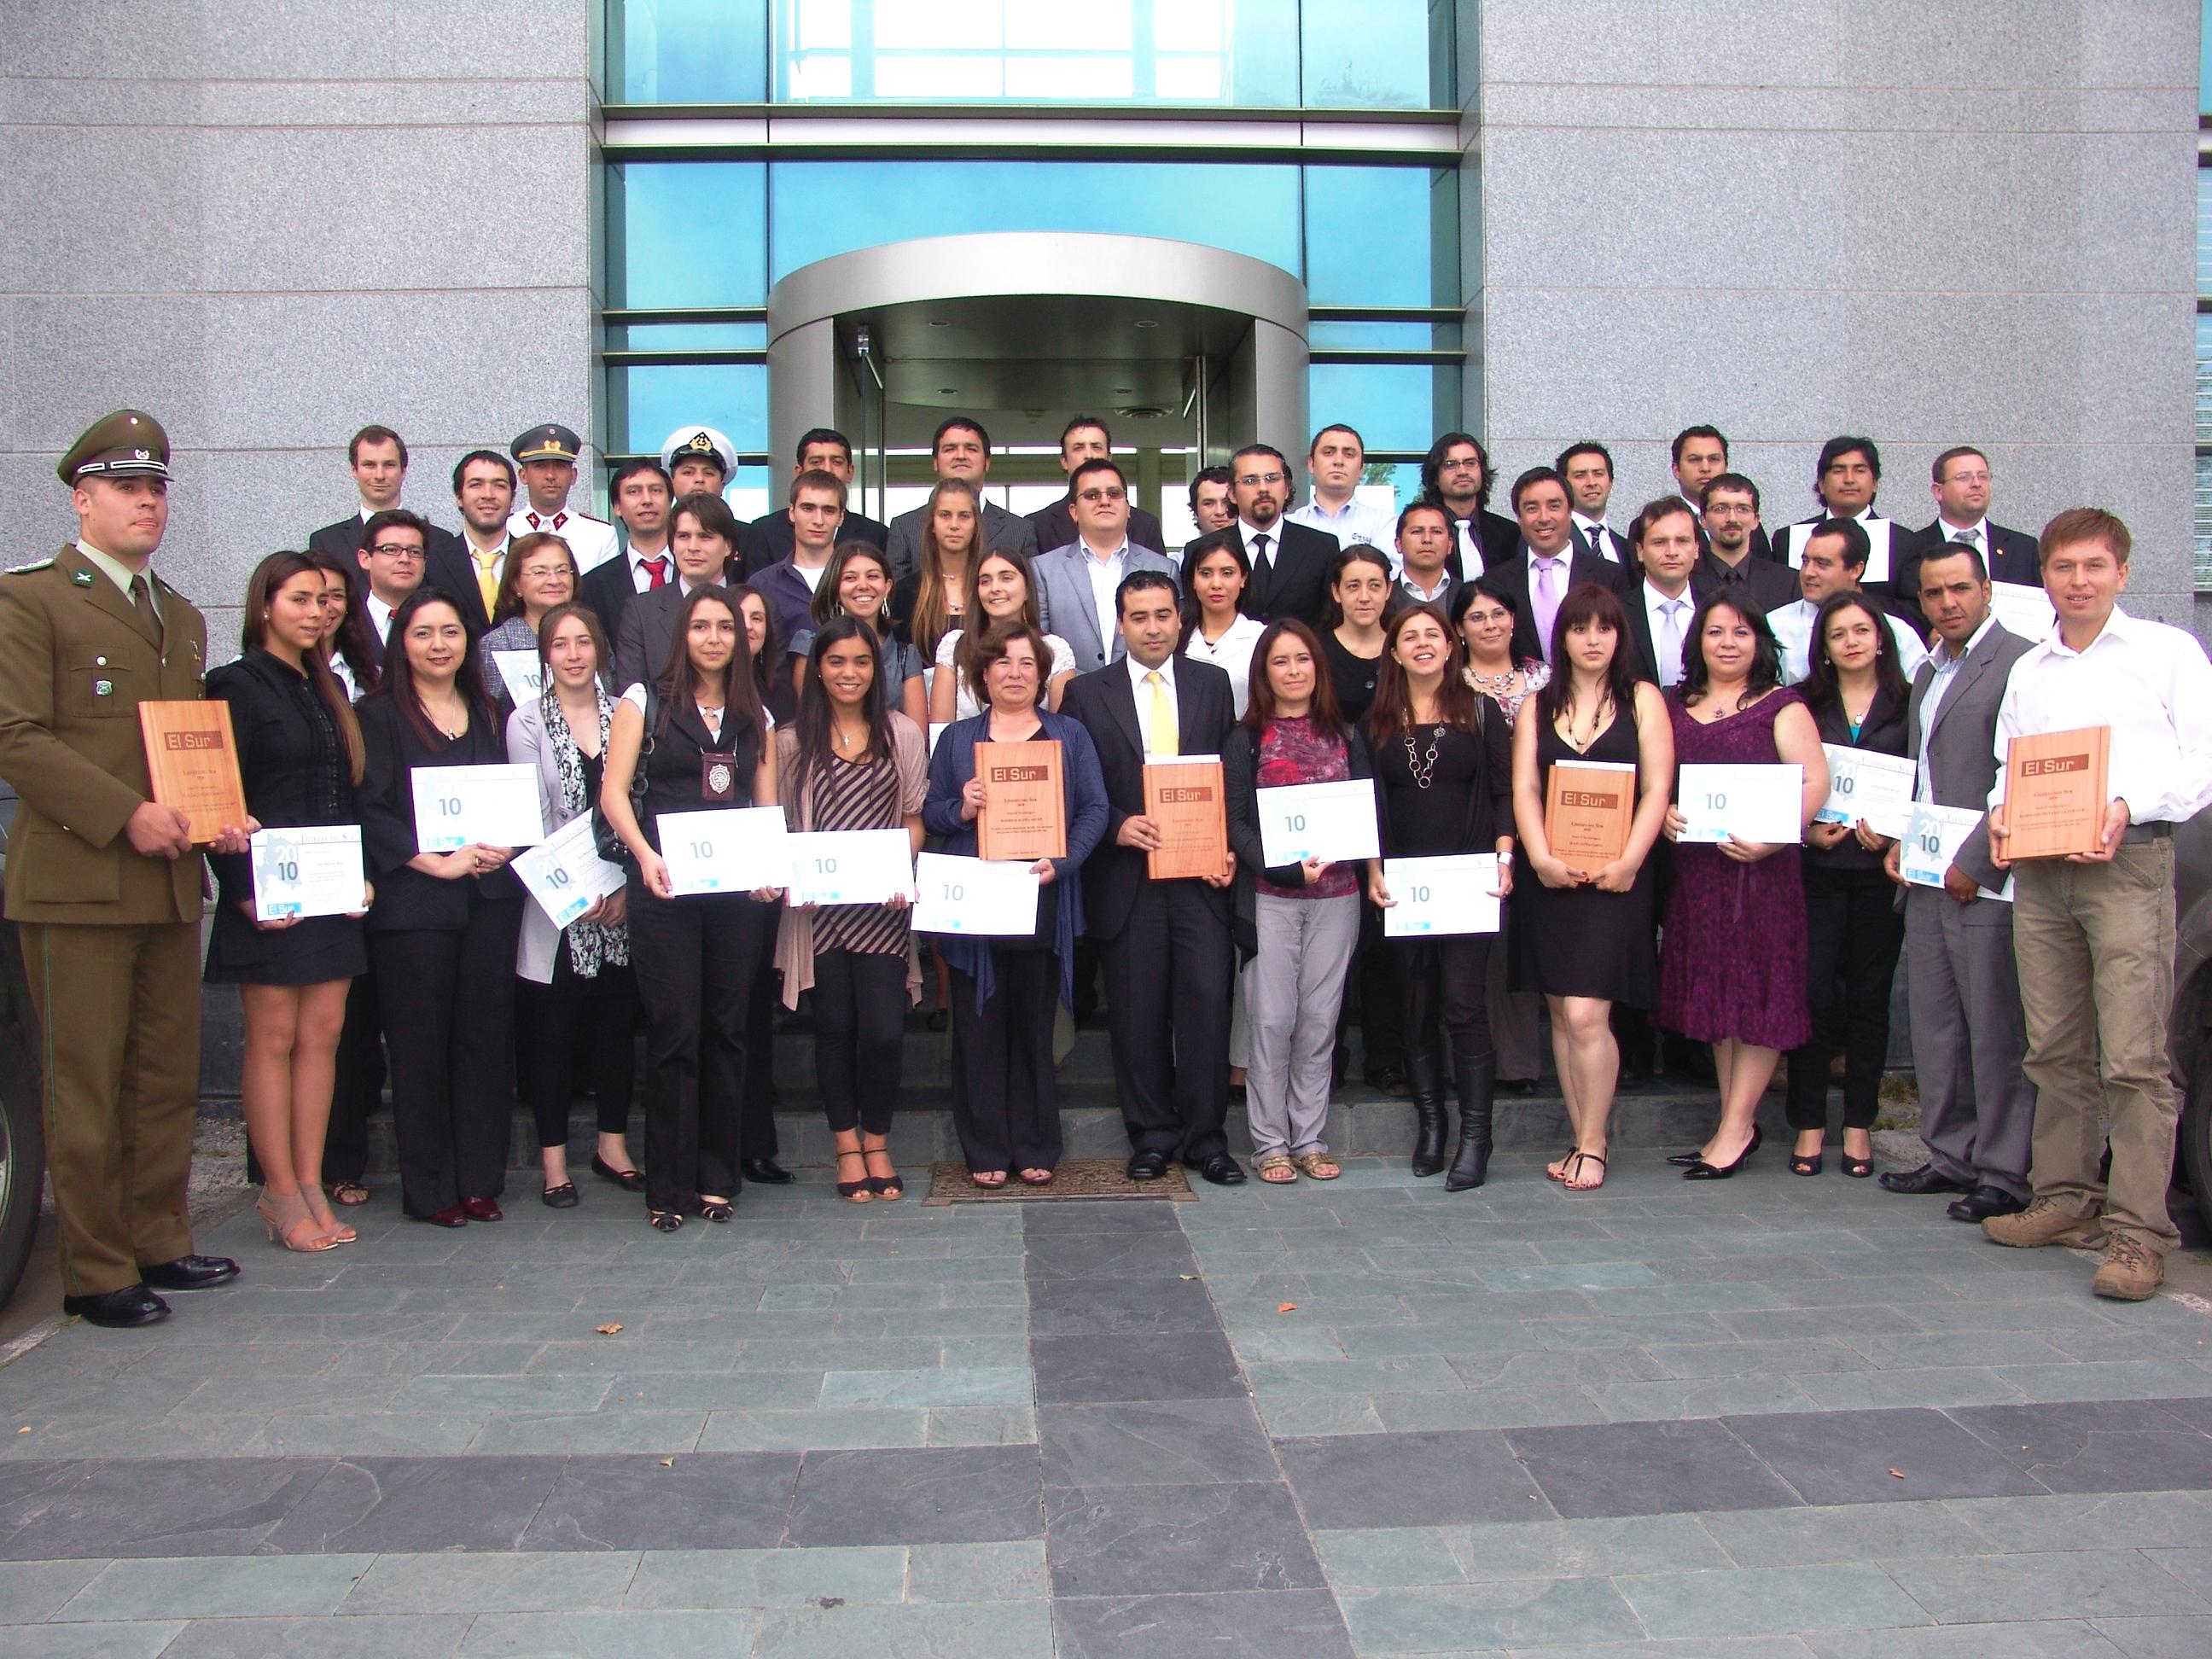 50 jóvenes líderes de El Sur